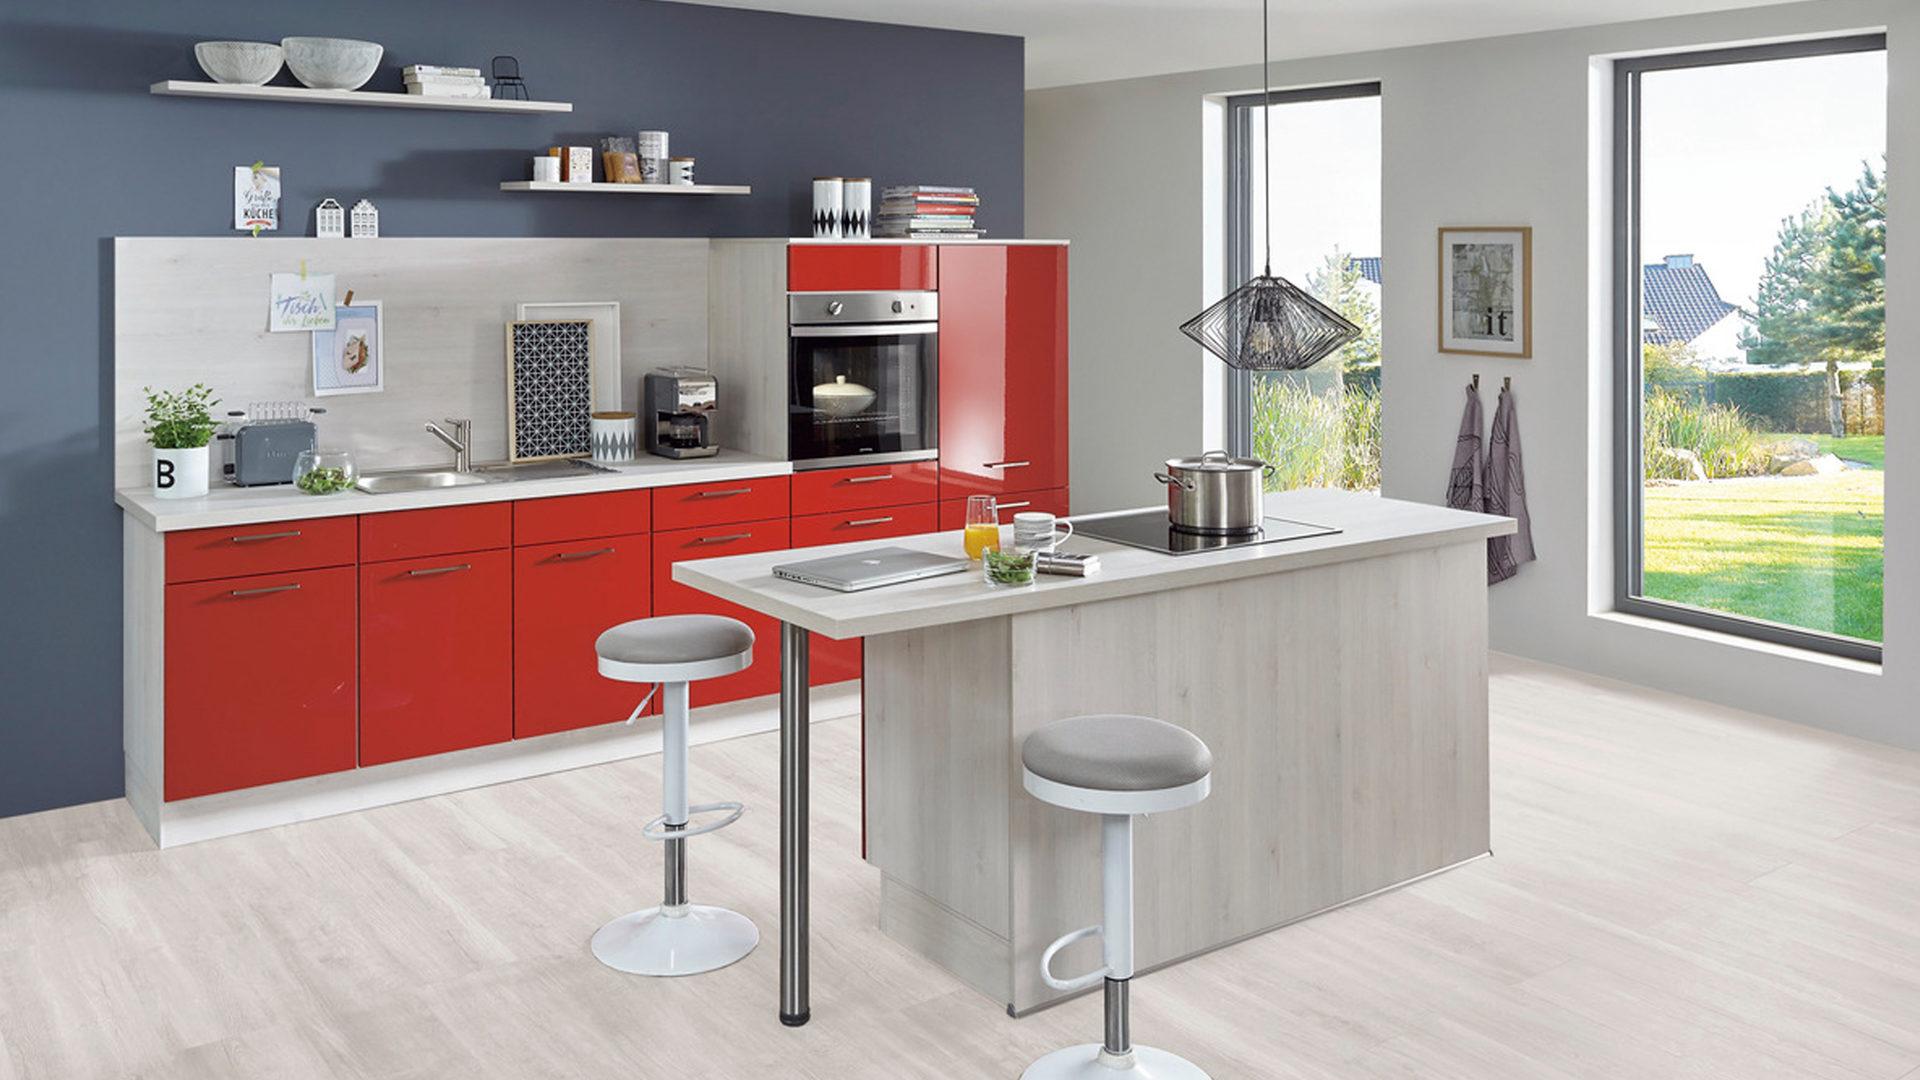 Möbel Boer Coesfeld | Möbel A-Z | Küchen | Einbauküche mit ...